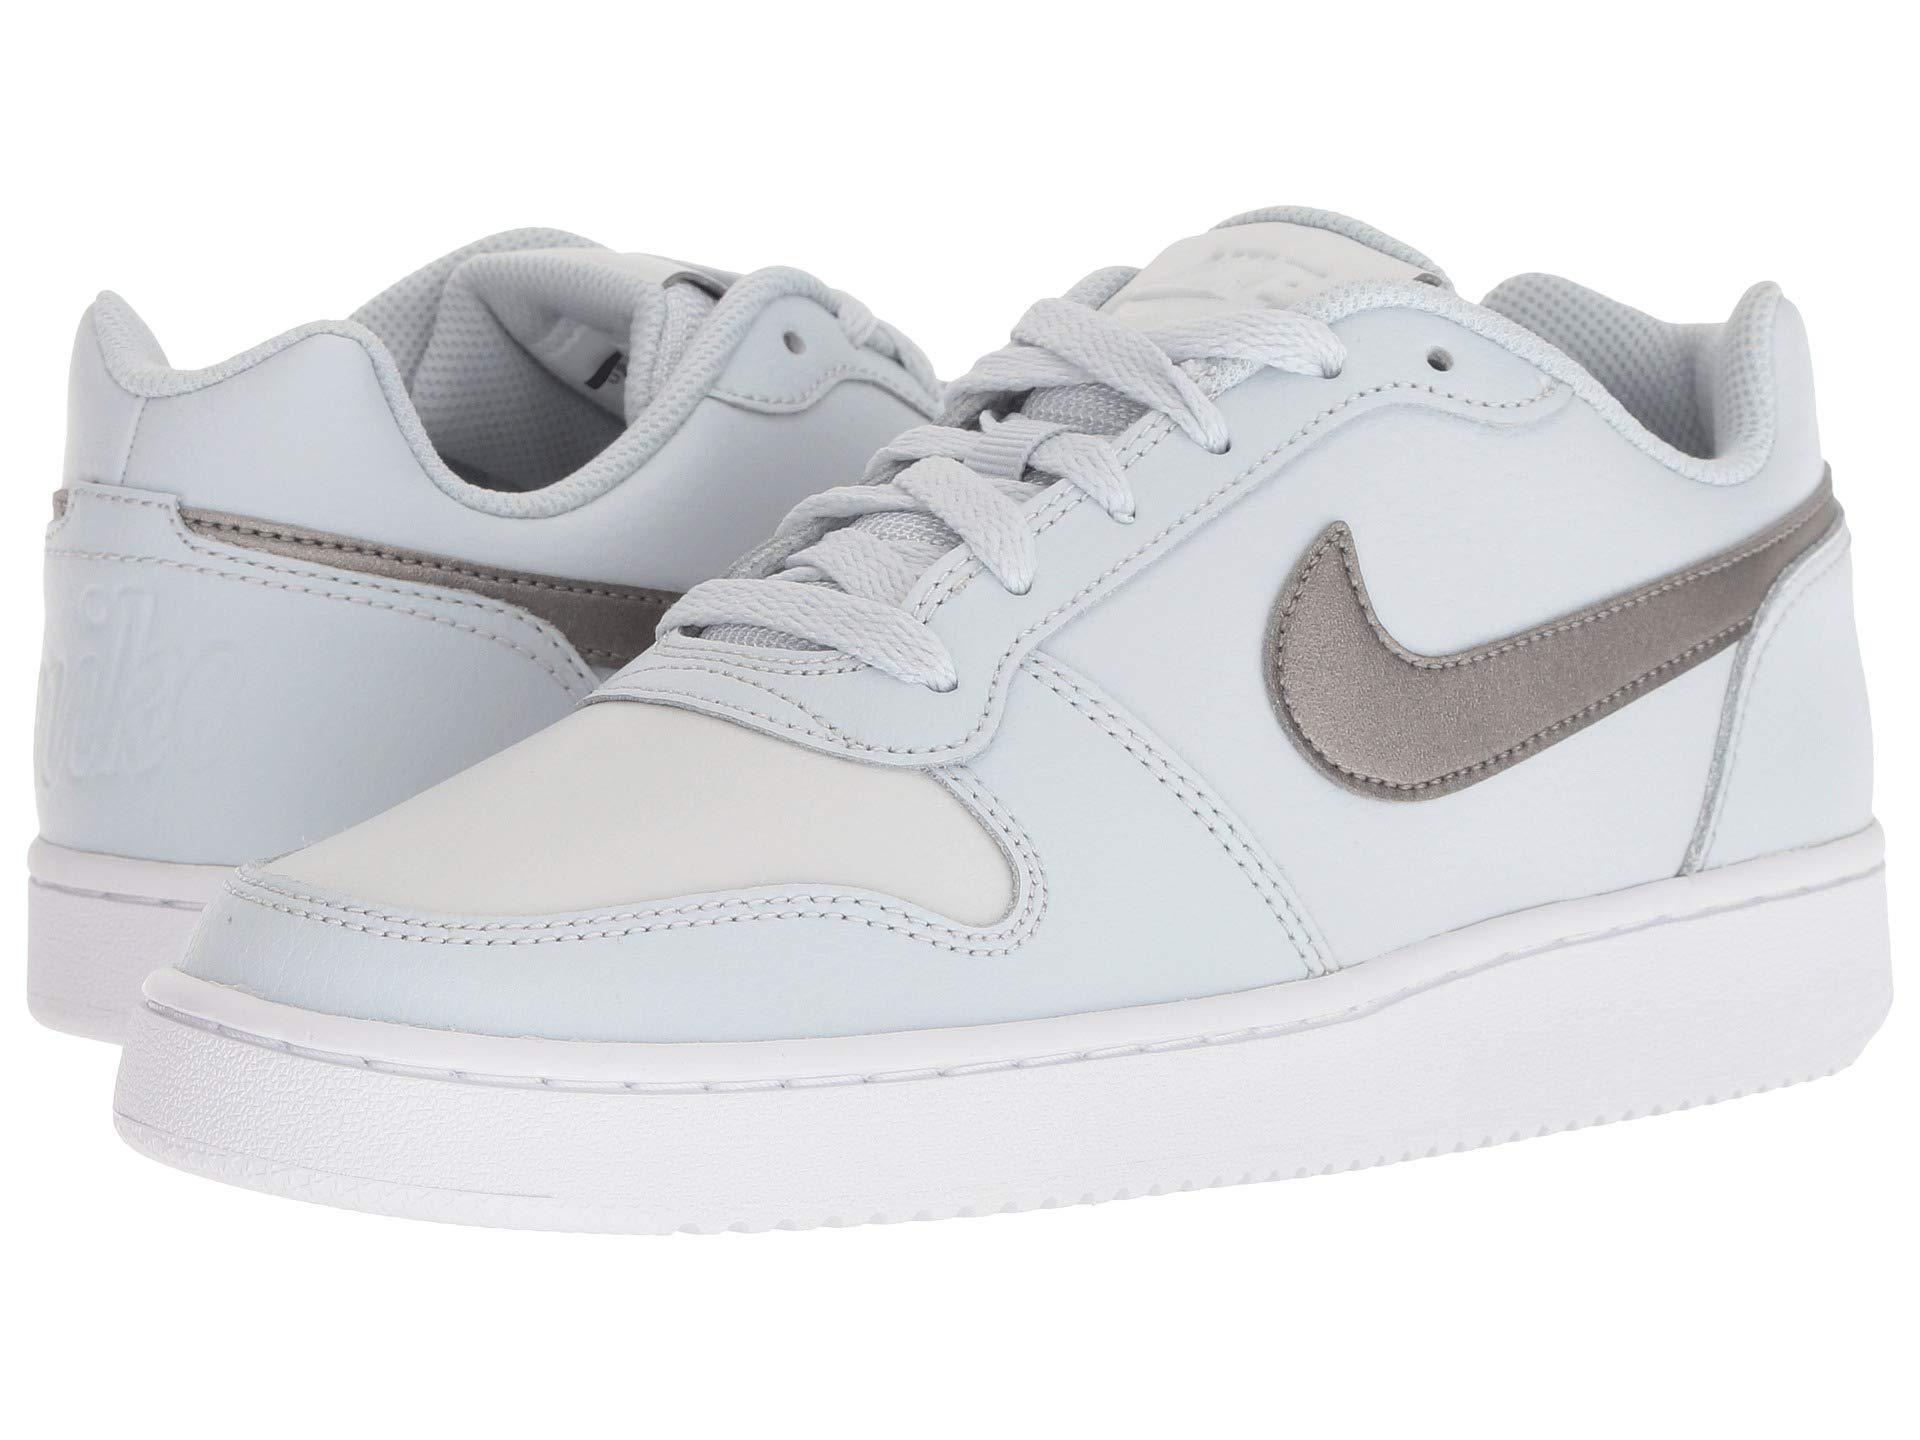 b24931ca22b64 Ebernon Low (black/black/white) Women's Shoes